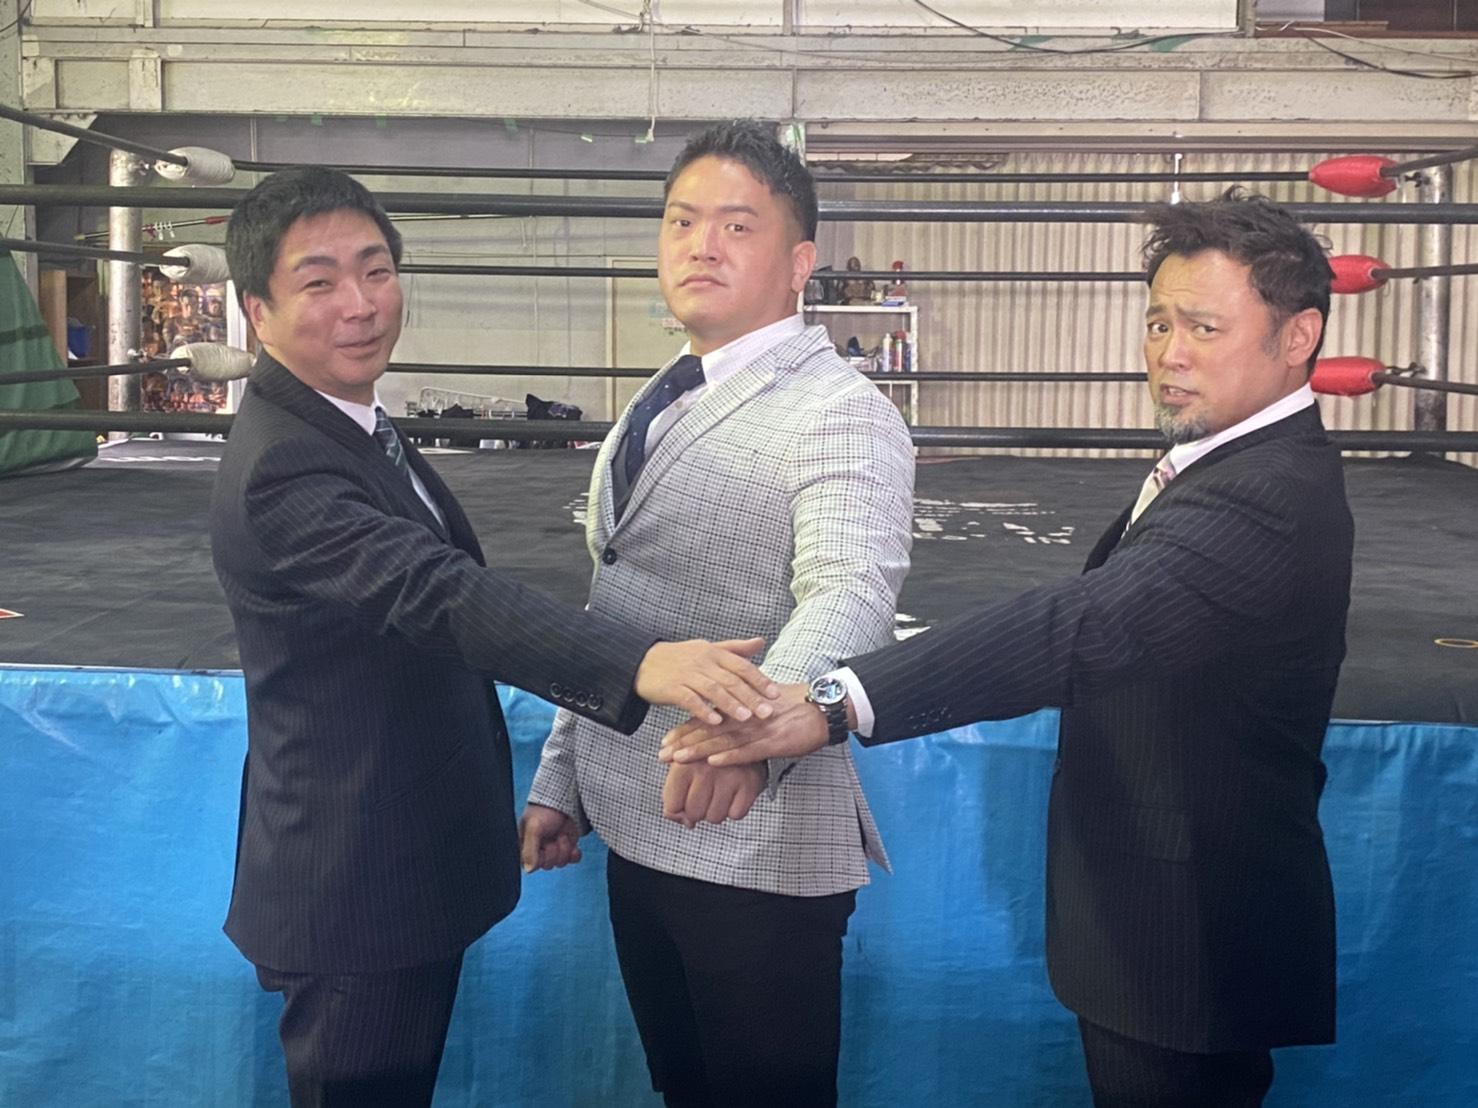 河上隆一選手 移籍・退団のお知らせ